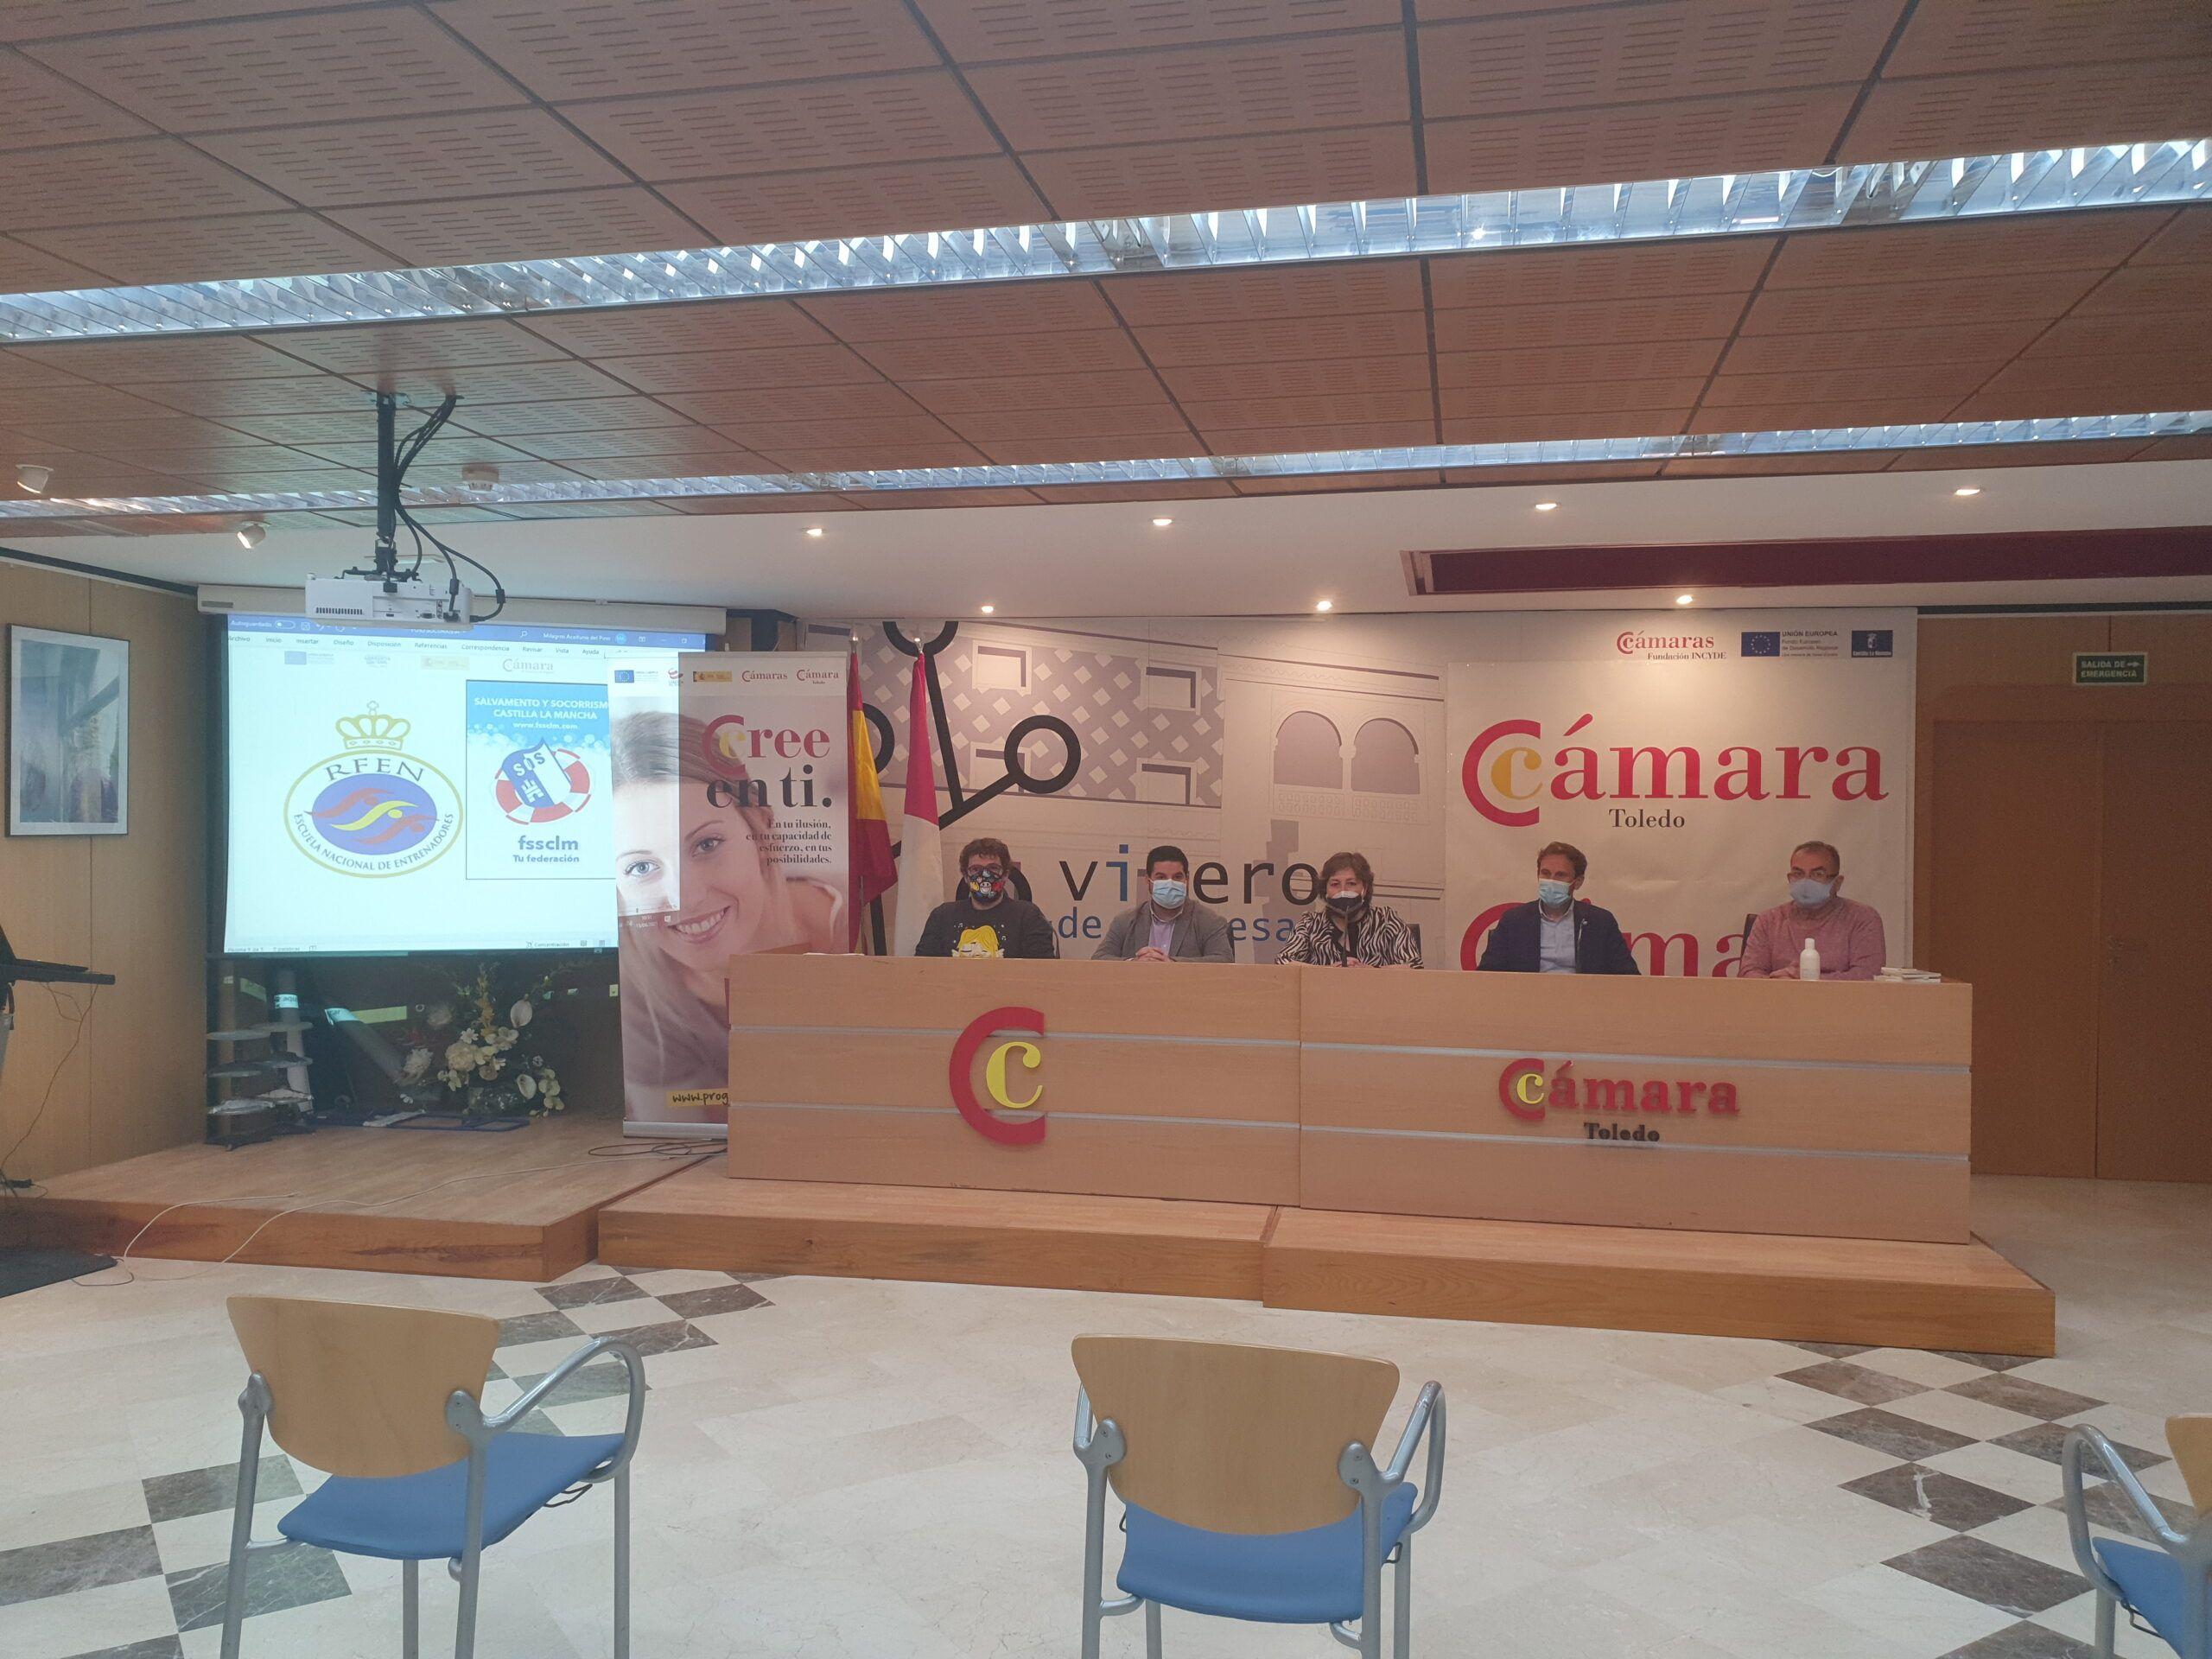 Cámara Toledo ofrece formación gratuita de Socorrista y de Monitor de Natación en Talavera de la Reina